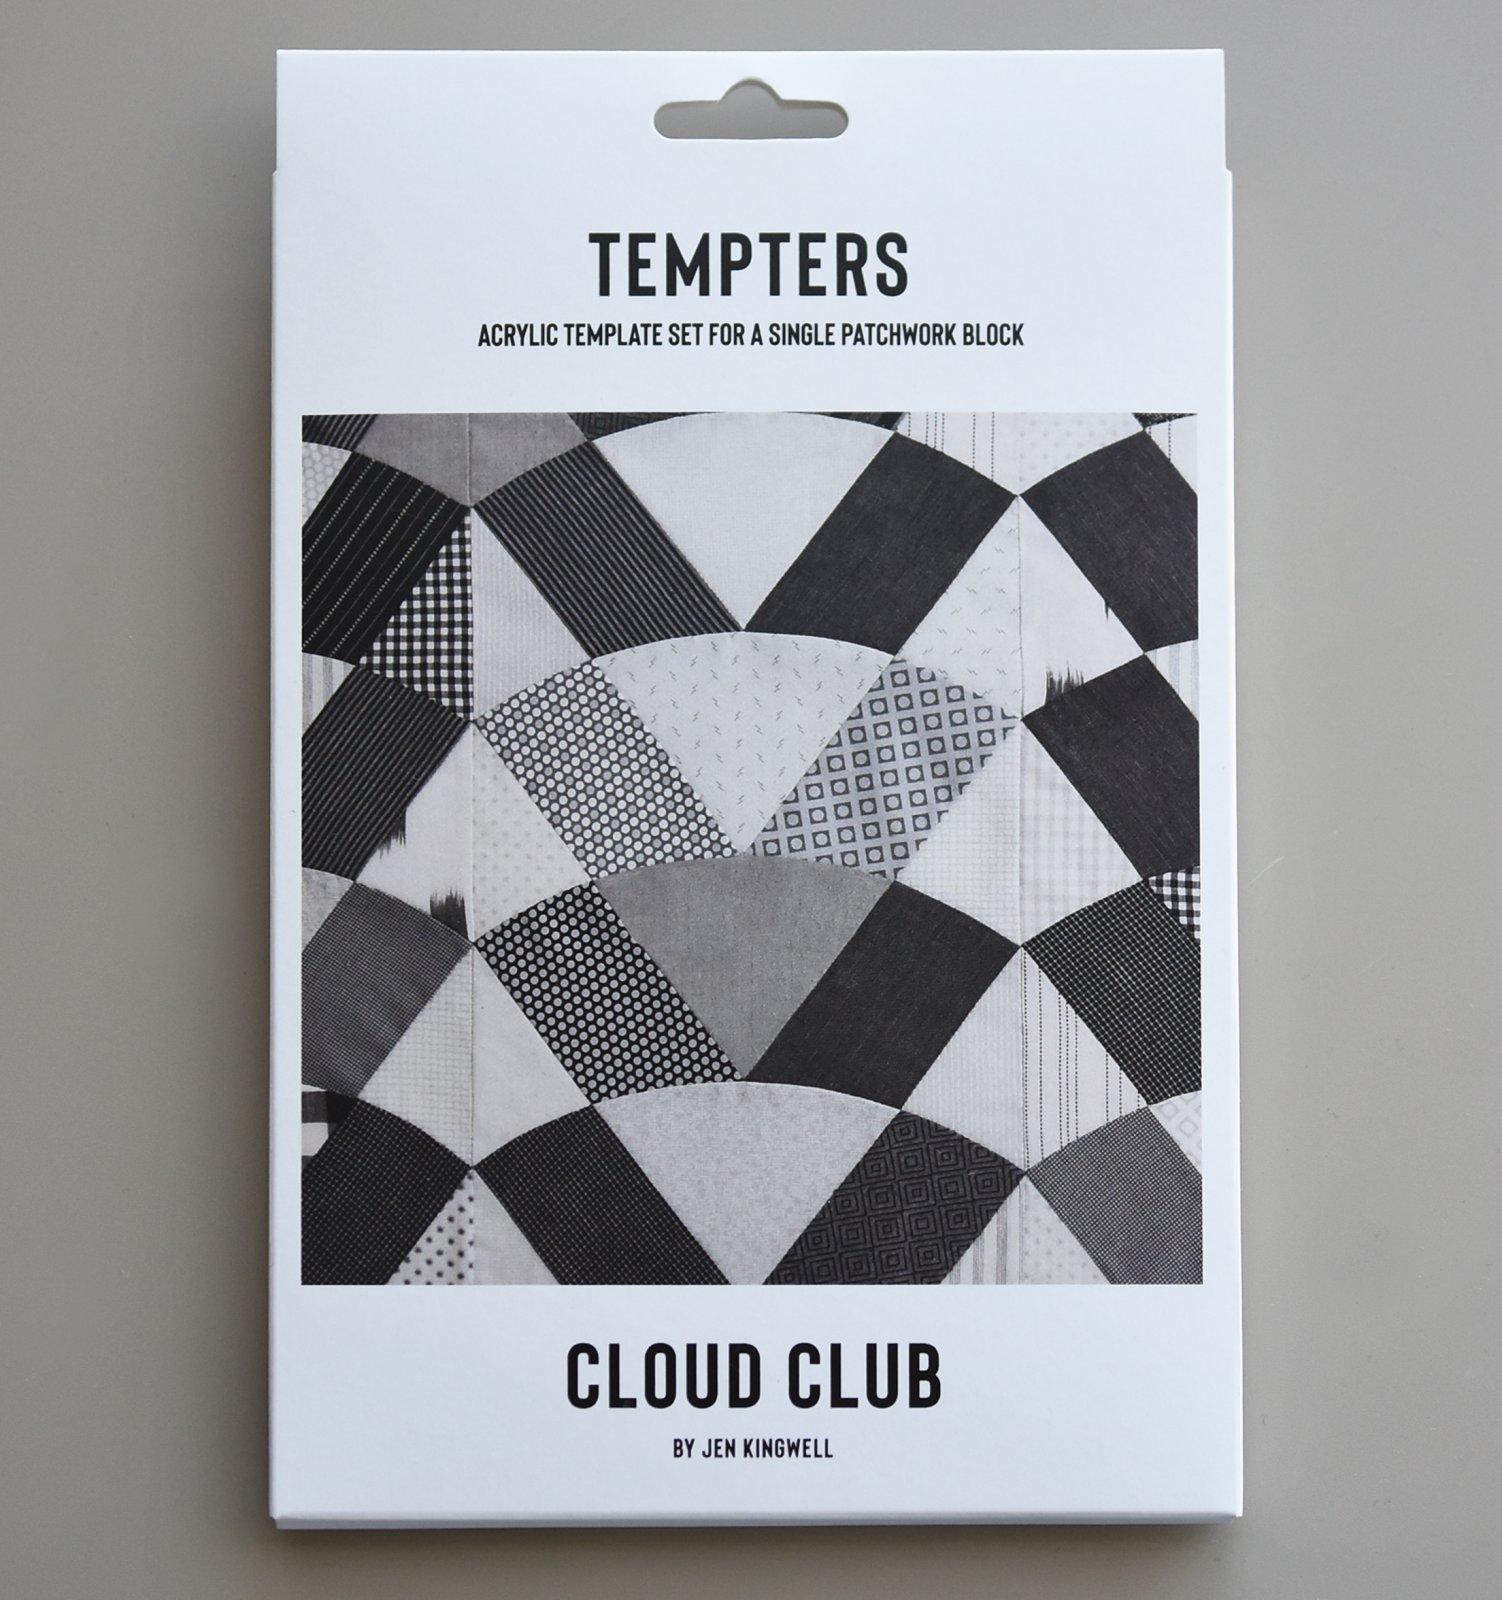 Cloud Club Tempter by Jen Kingwell